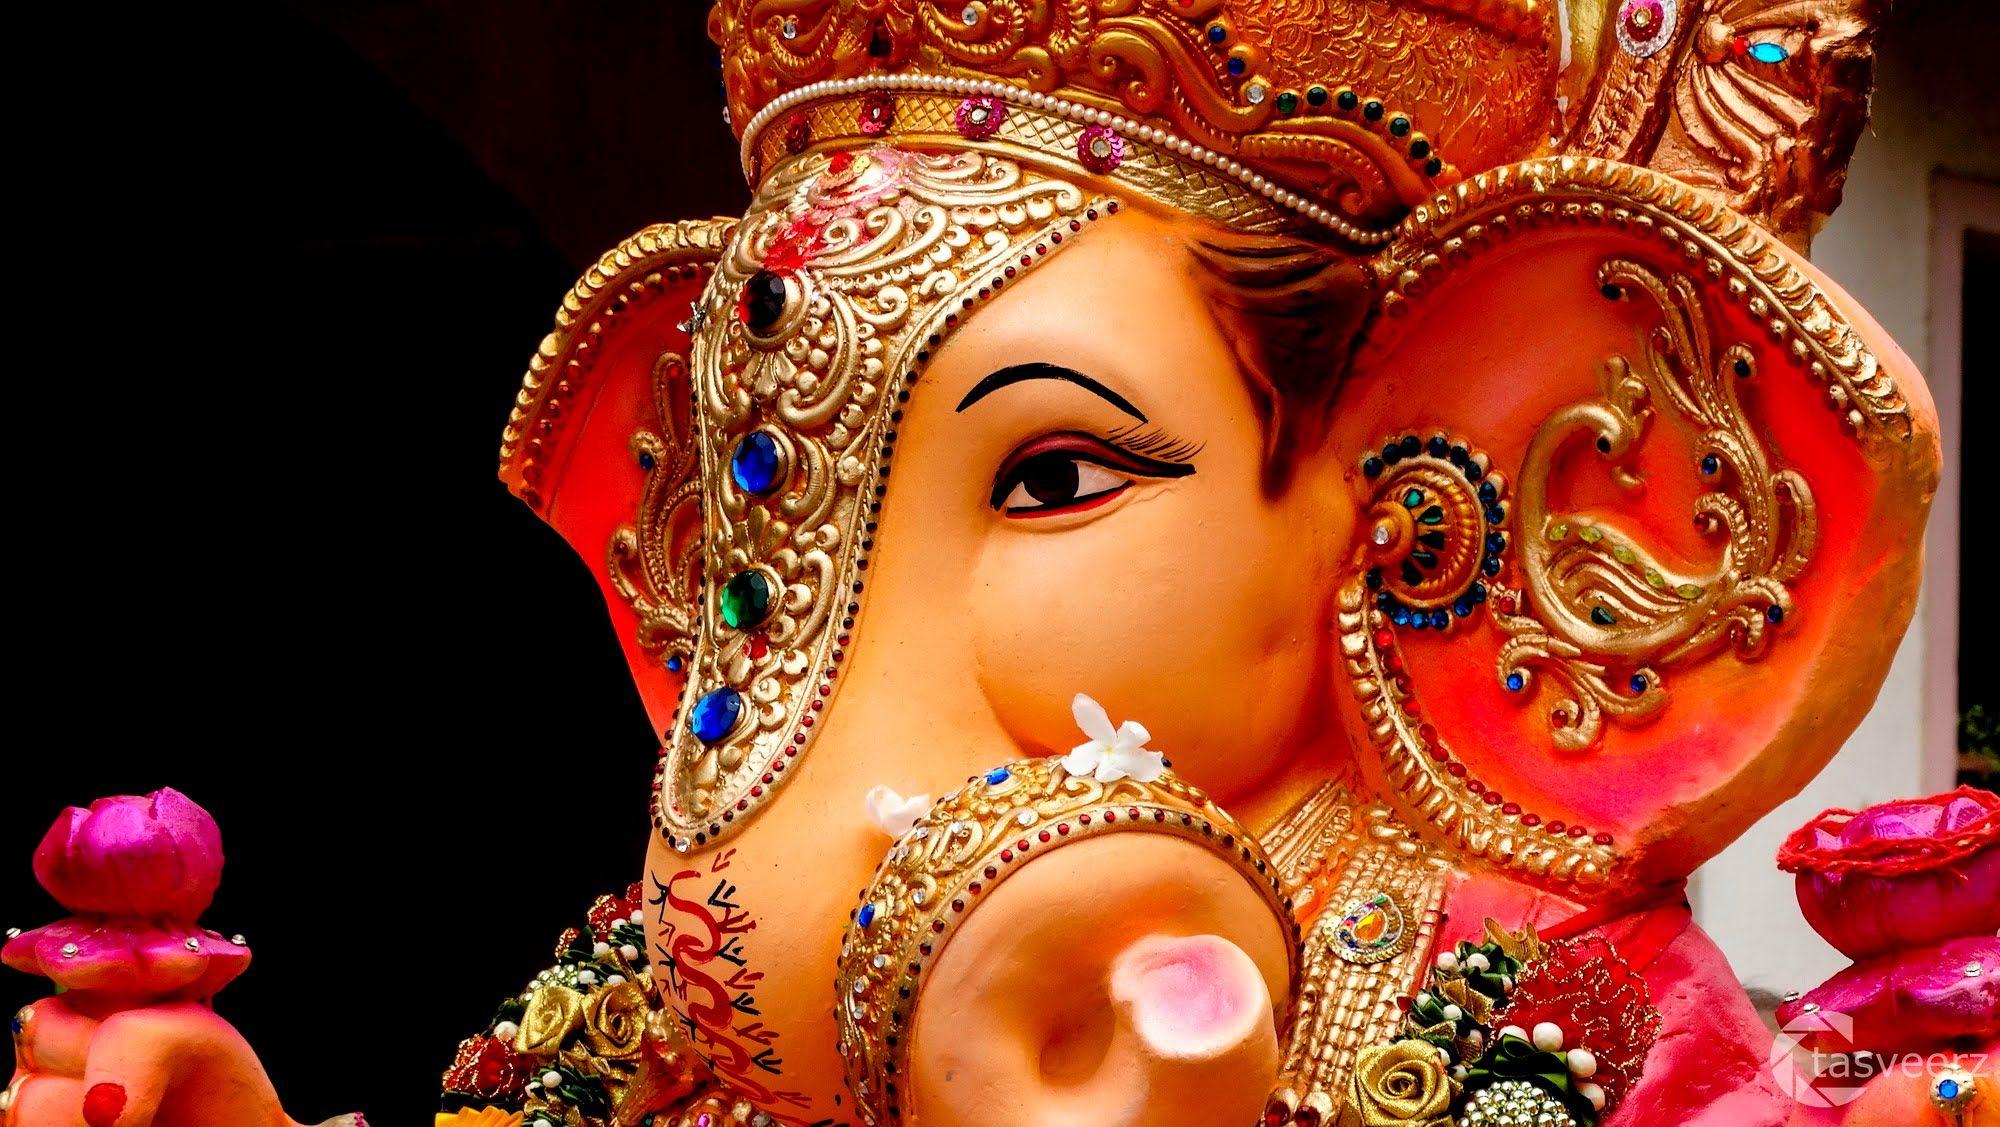 Ganpati Images Free Download Happy Ganesh Chaturthi Images